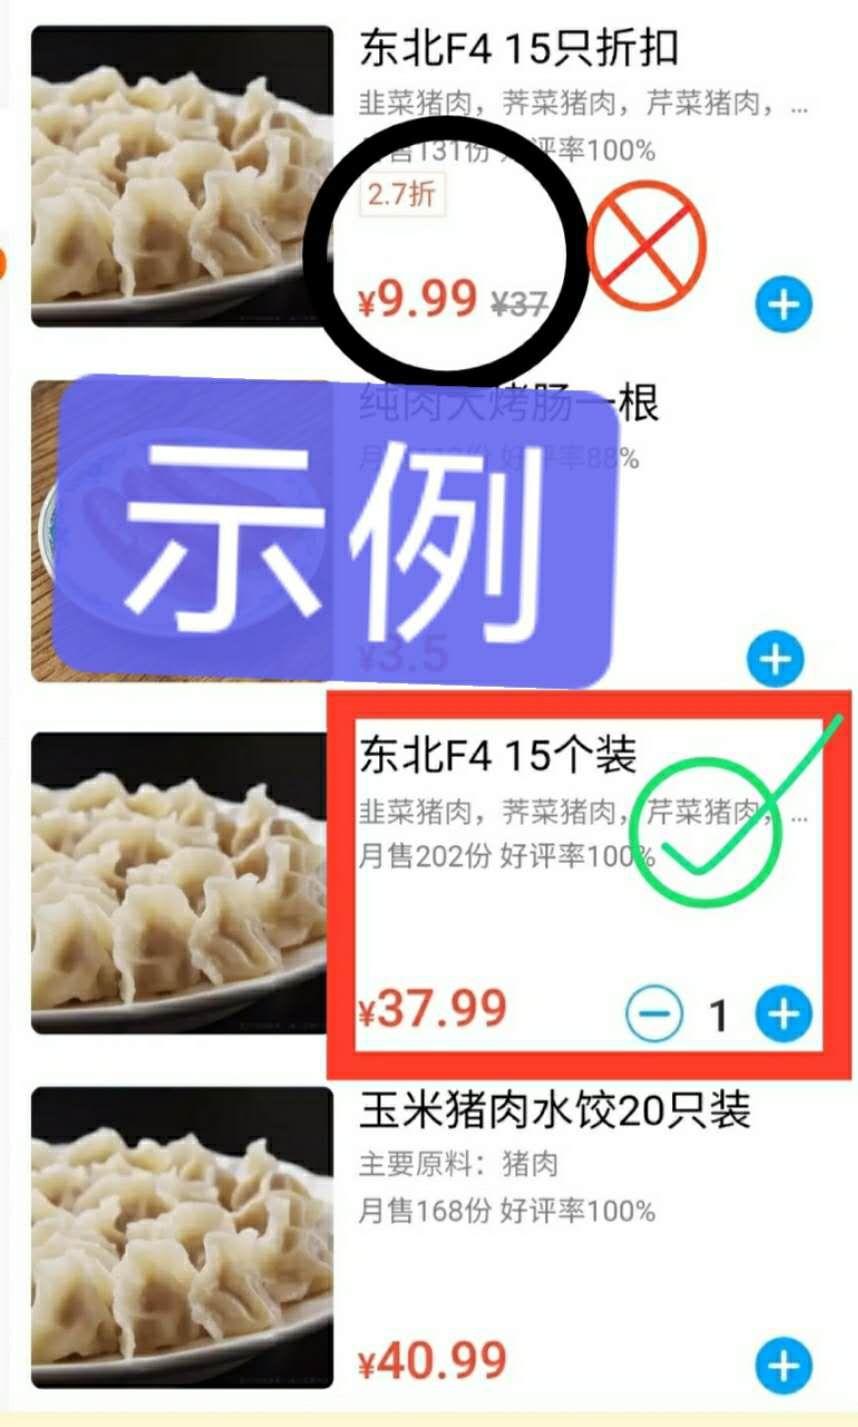 惠小助【饿了么点餐省钱攻略】-new.juyifx.cn